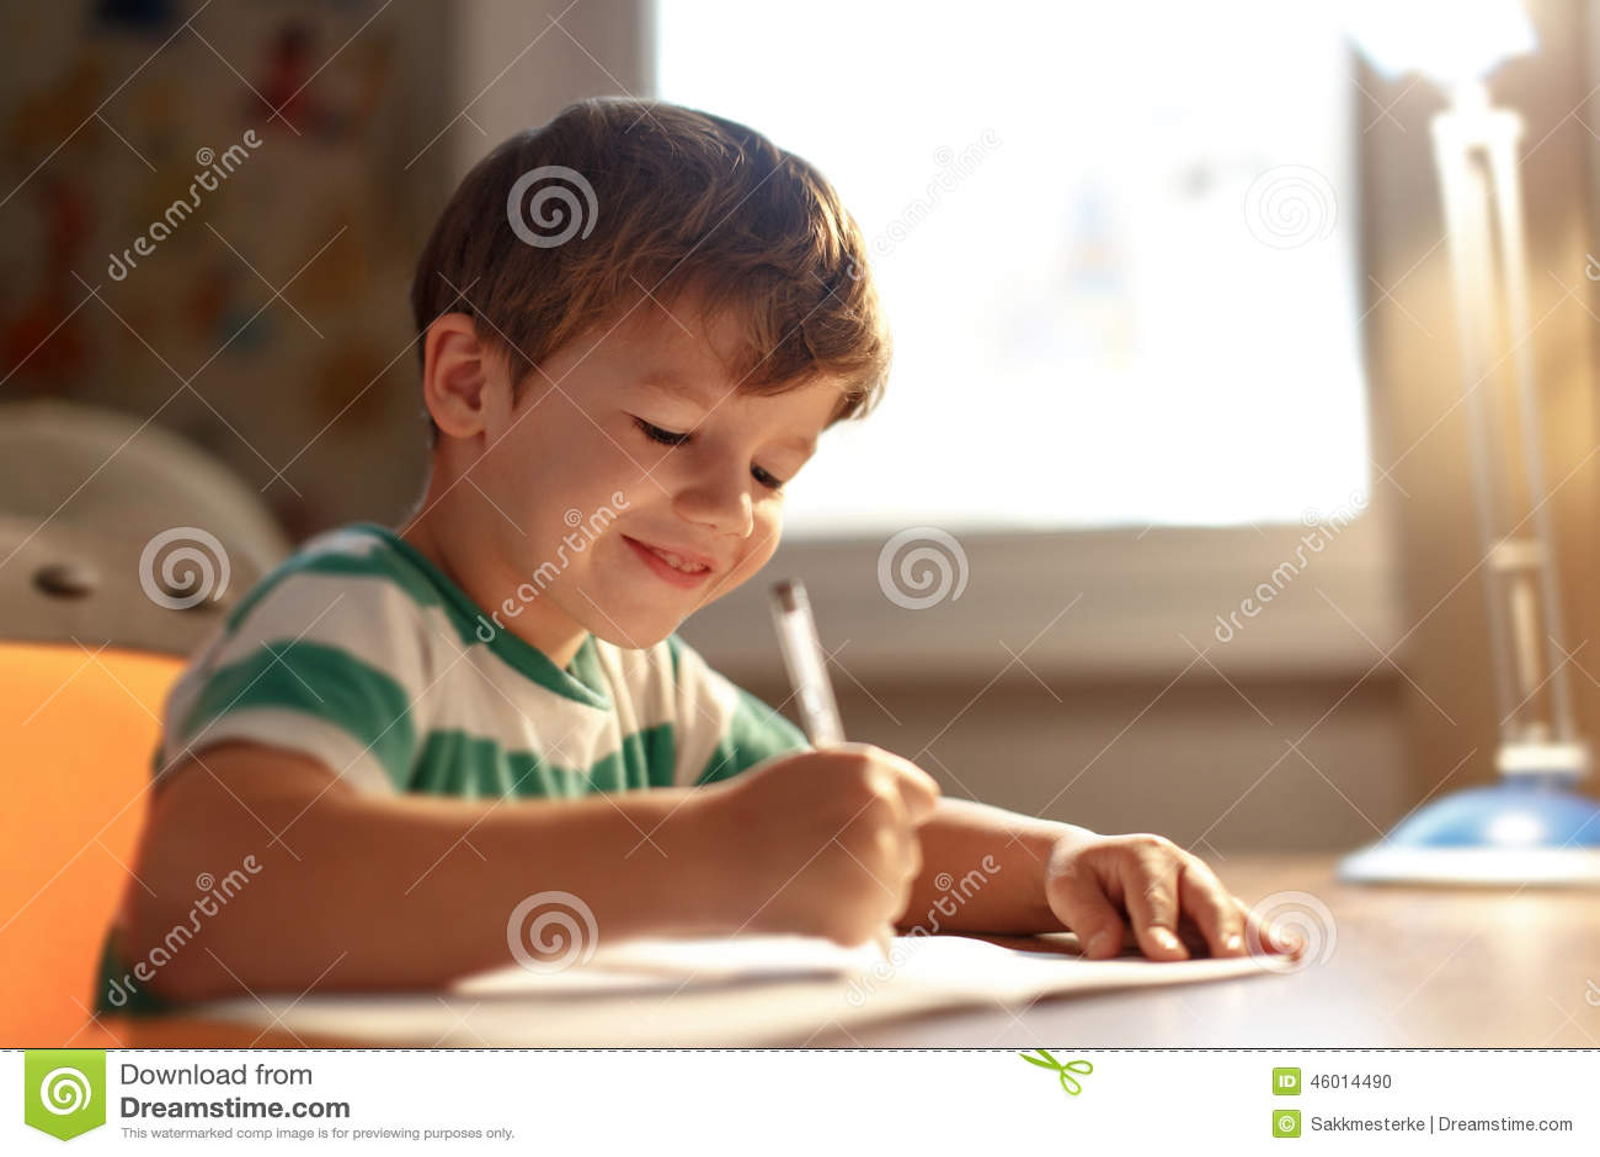 El ni o peque o escribe en el libro de ejercicio foto de - Foto nino pequeno ...